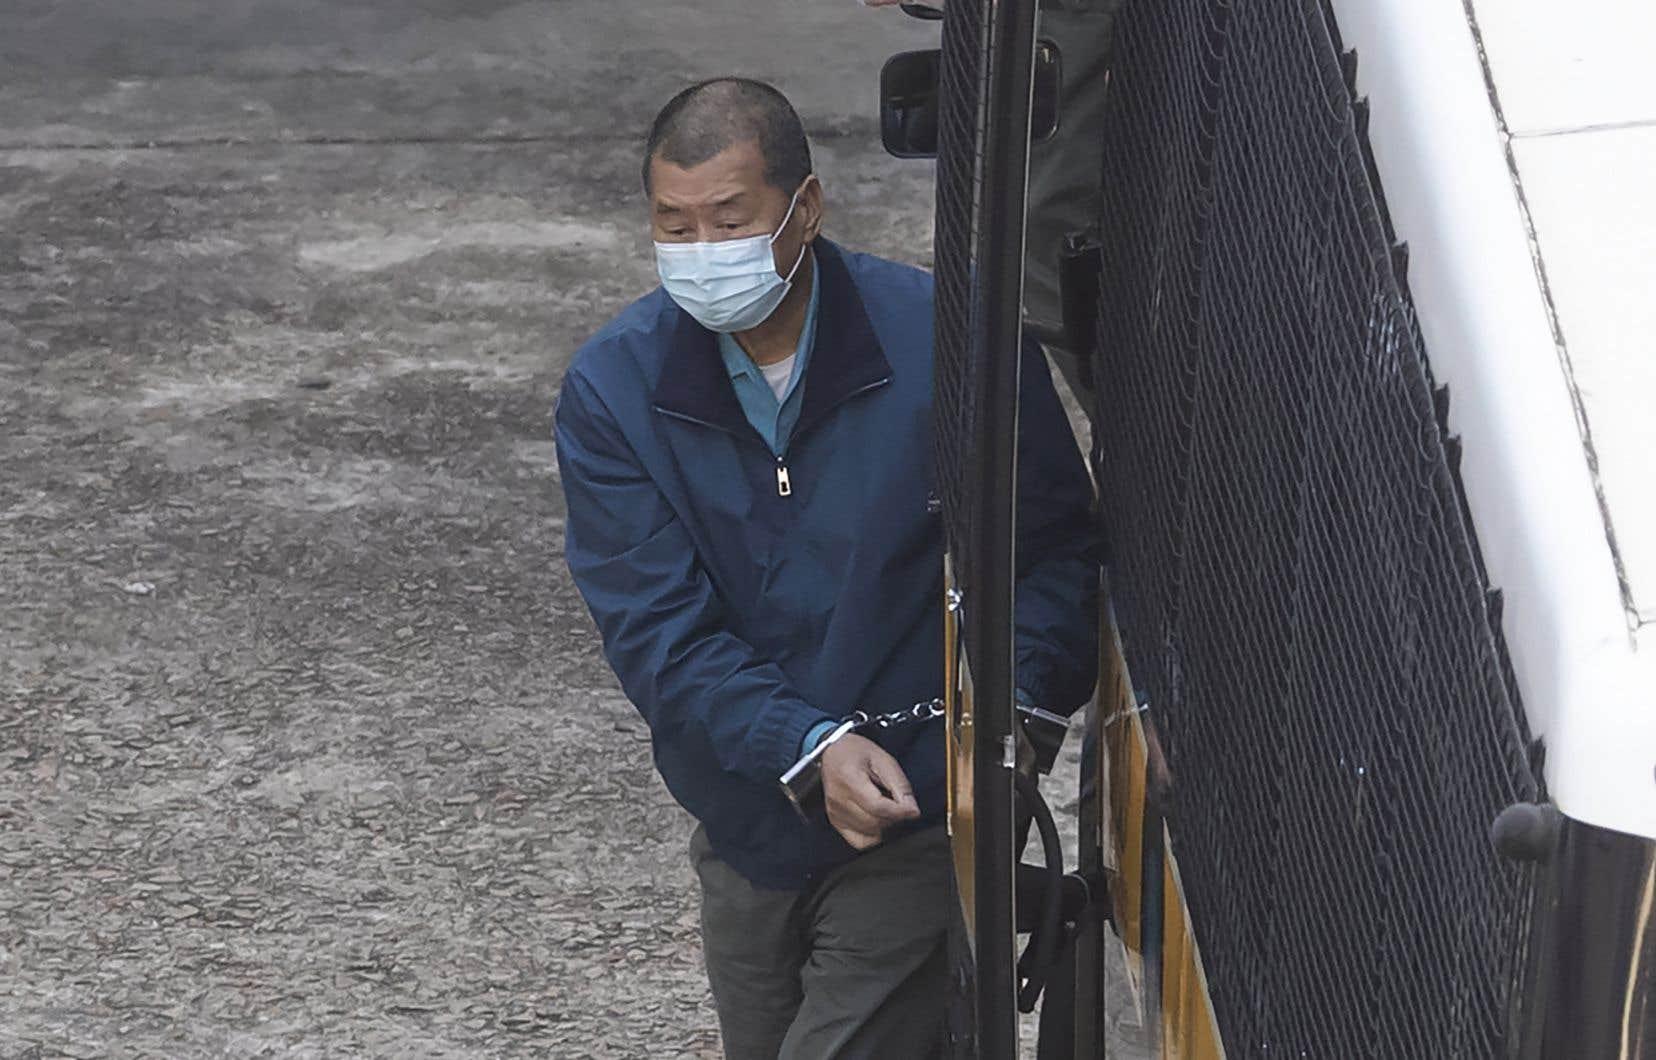 Jeudi, le tribunal qui examinait les poursuites pour fraude a refusé la libération sous caution demandée par M.Lai. Cela signifie que le richissime homme d'affaires, qui a par la suite été photographié menotté par les médias à son arrivée dans la prison, passera les prochains mois derrière les barreaux.